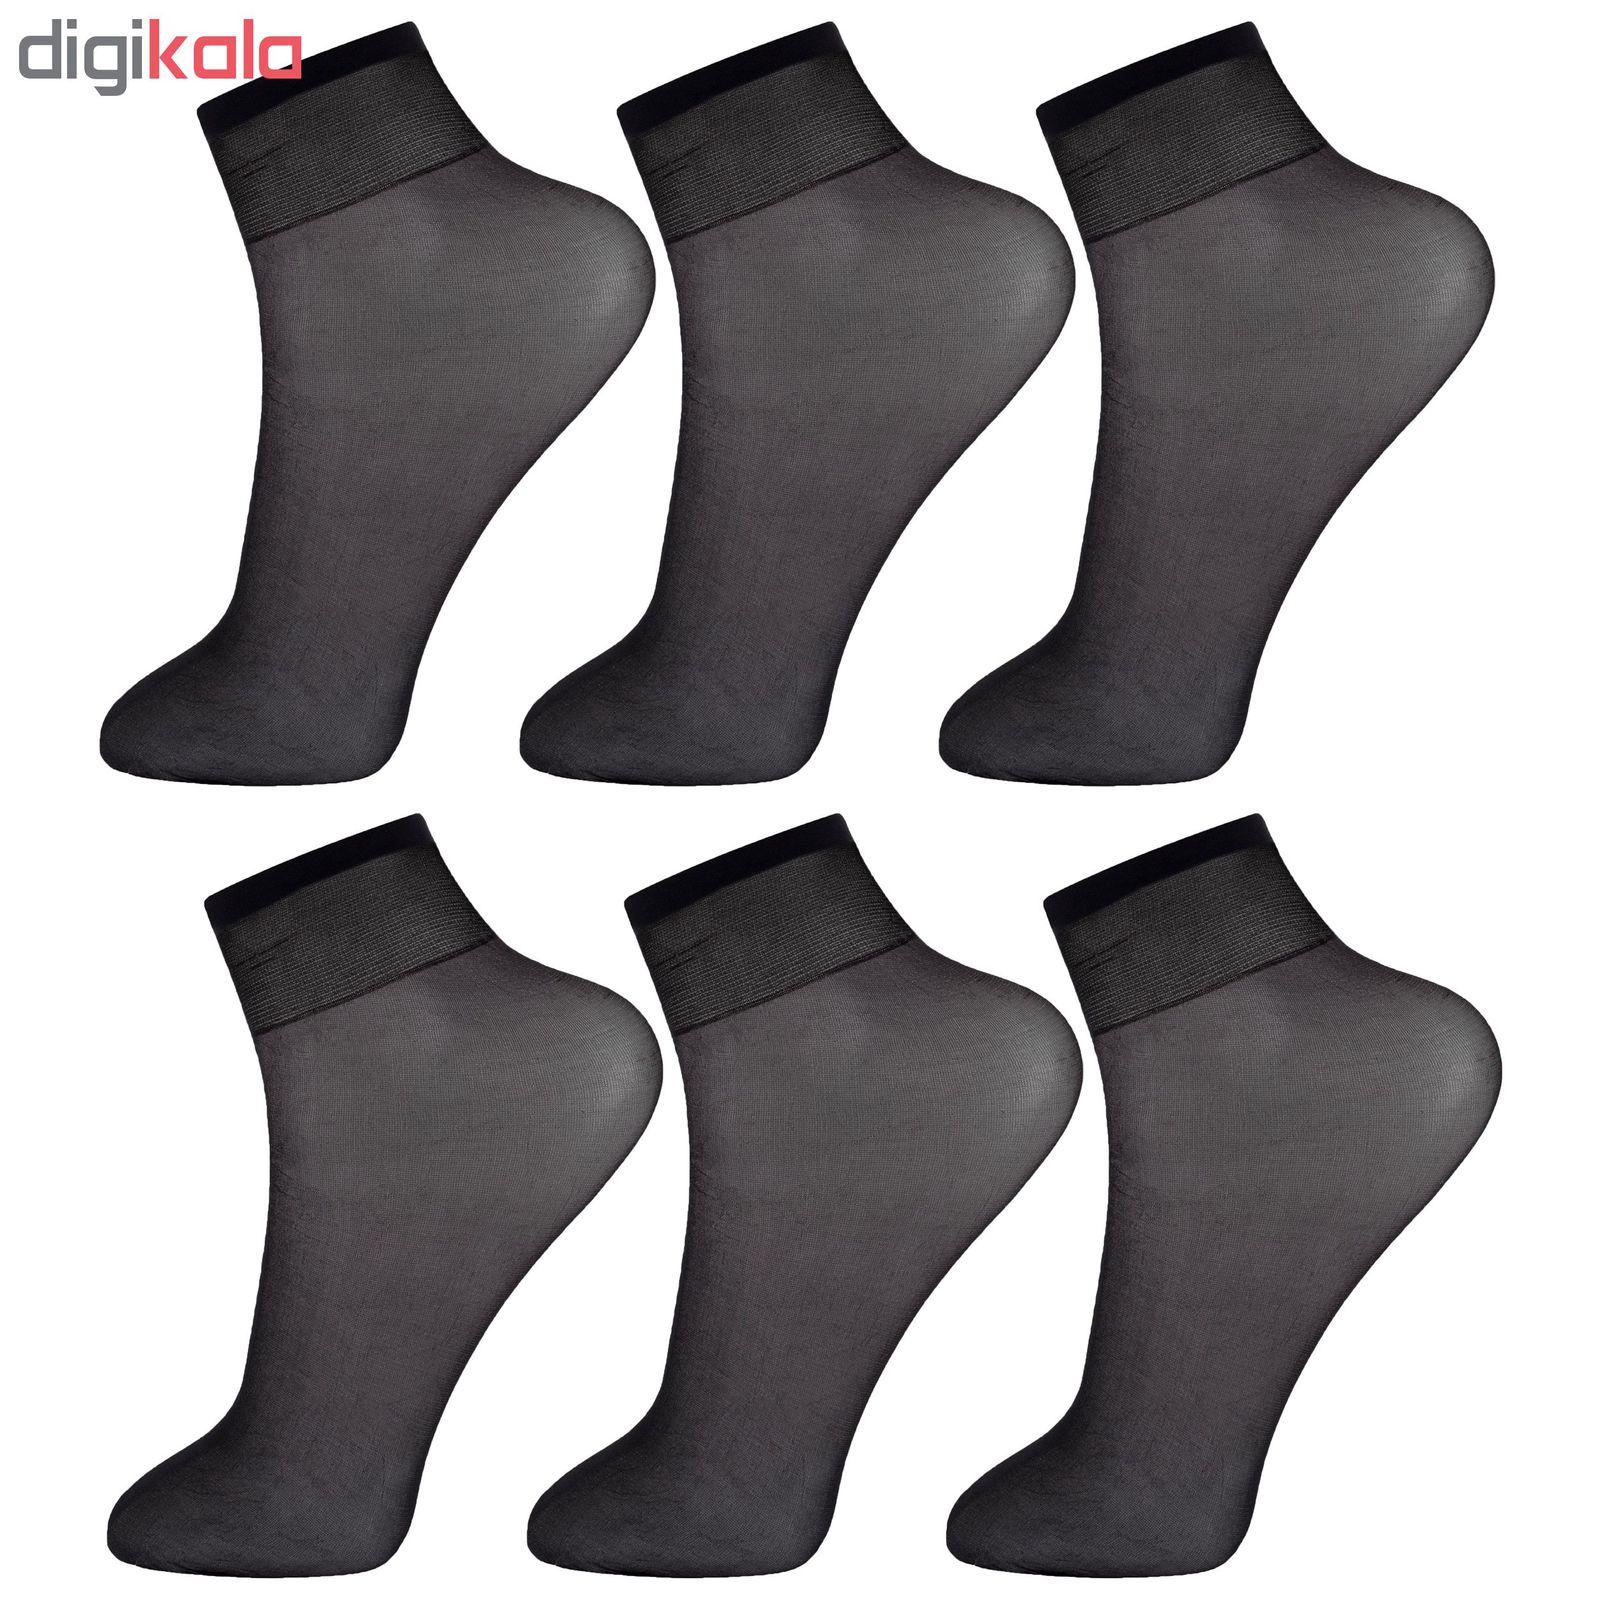 جوراب زنانه پنتی کد RG-PF 051-6 مجموعه 6 عددی main 1 2